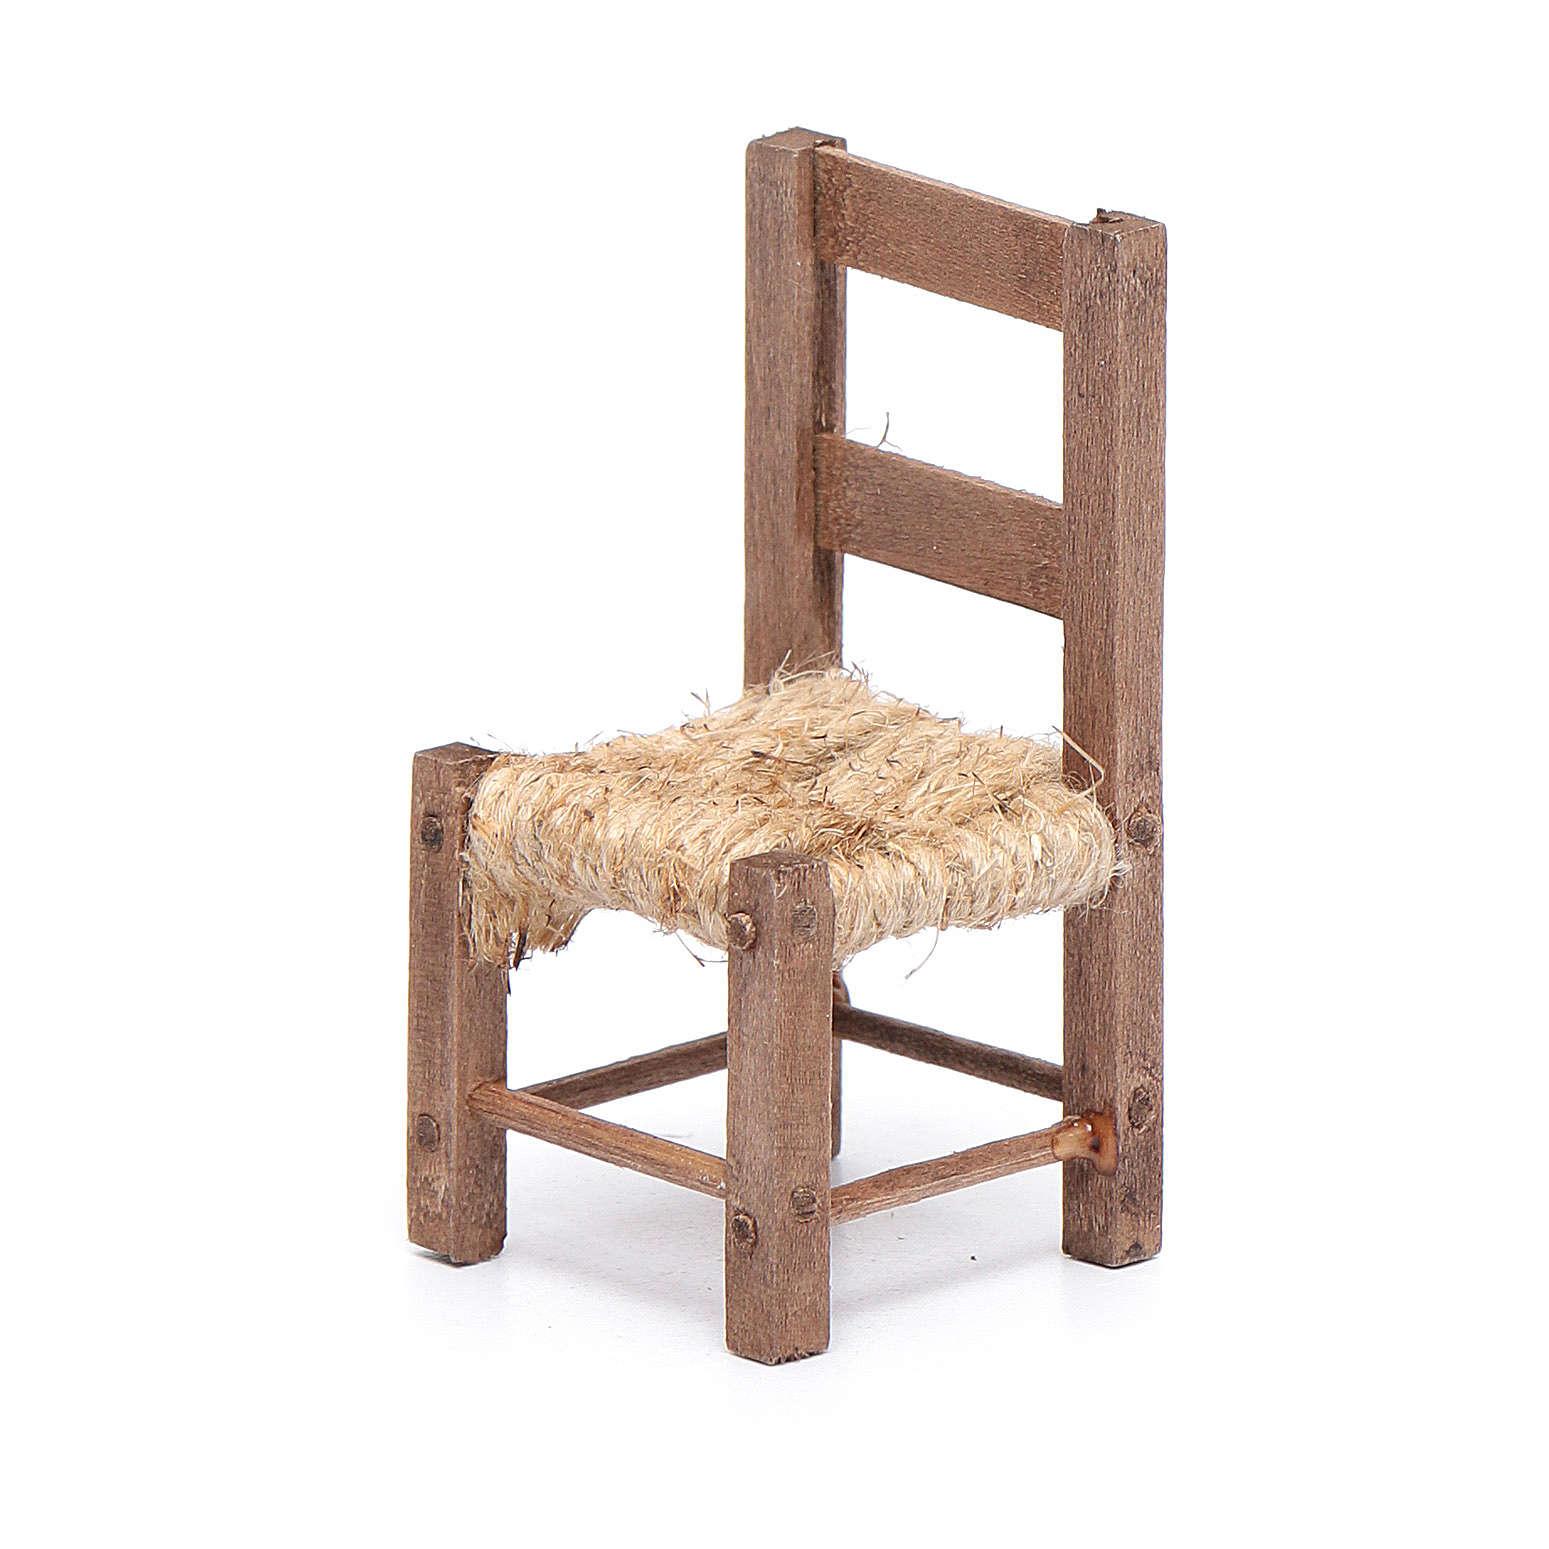 Silla madera y cuerda 6 cm belén napolitano 4